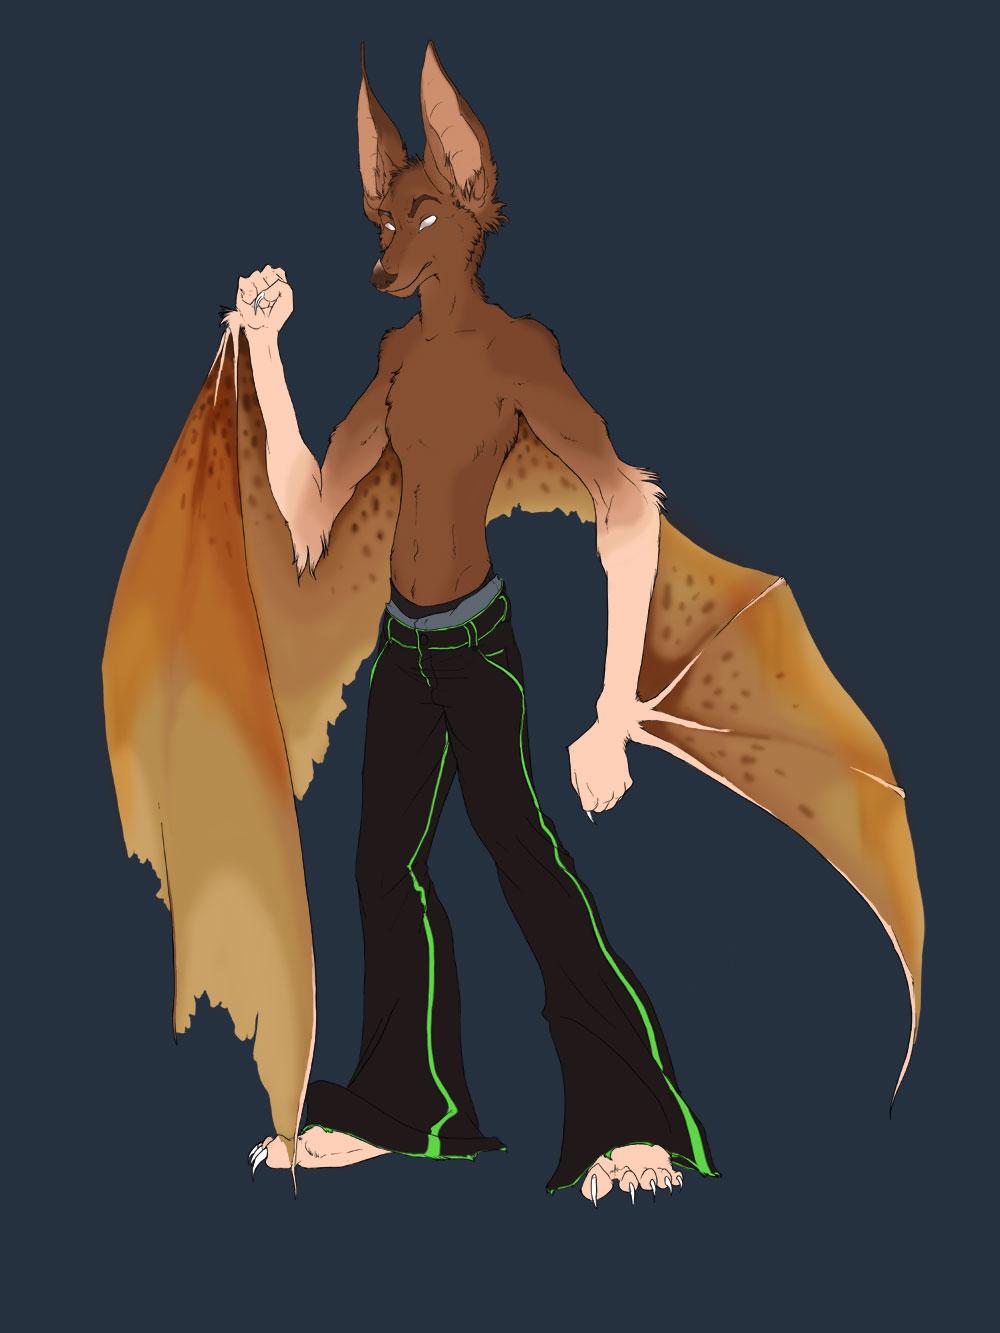 Bat dog thingy    by chibi marrow